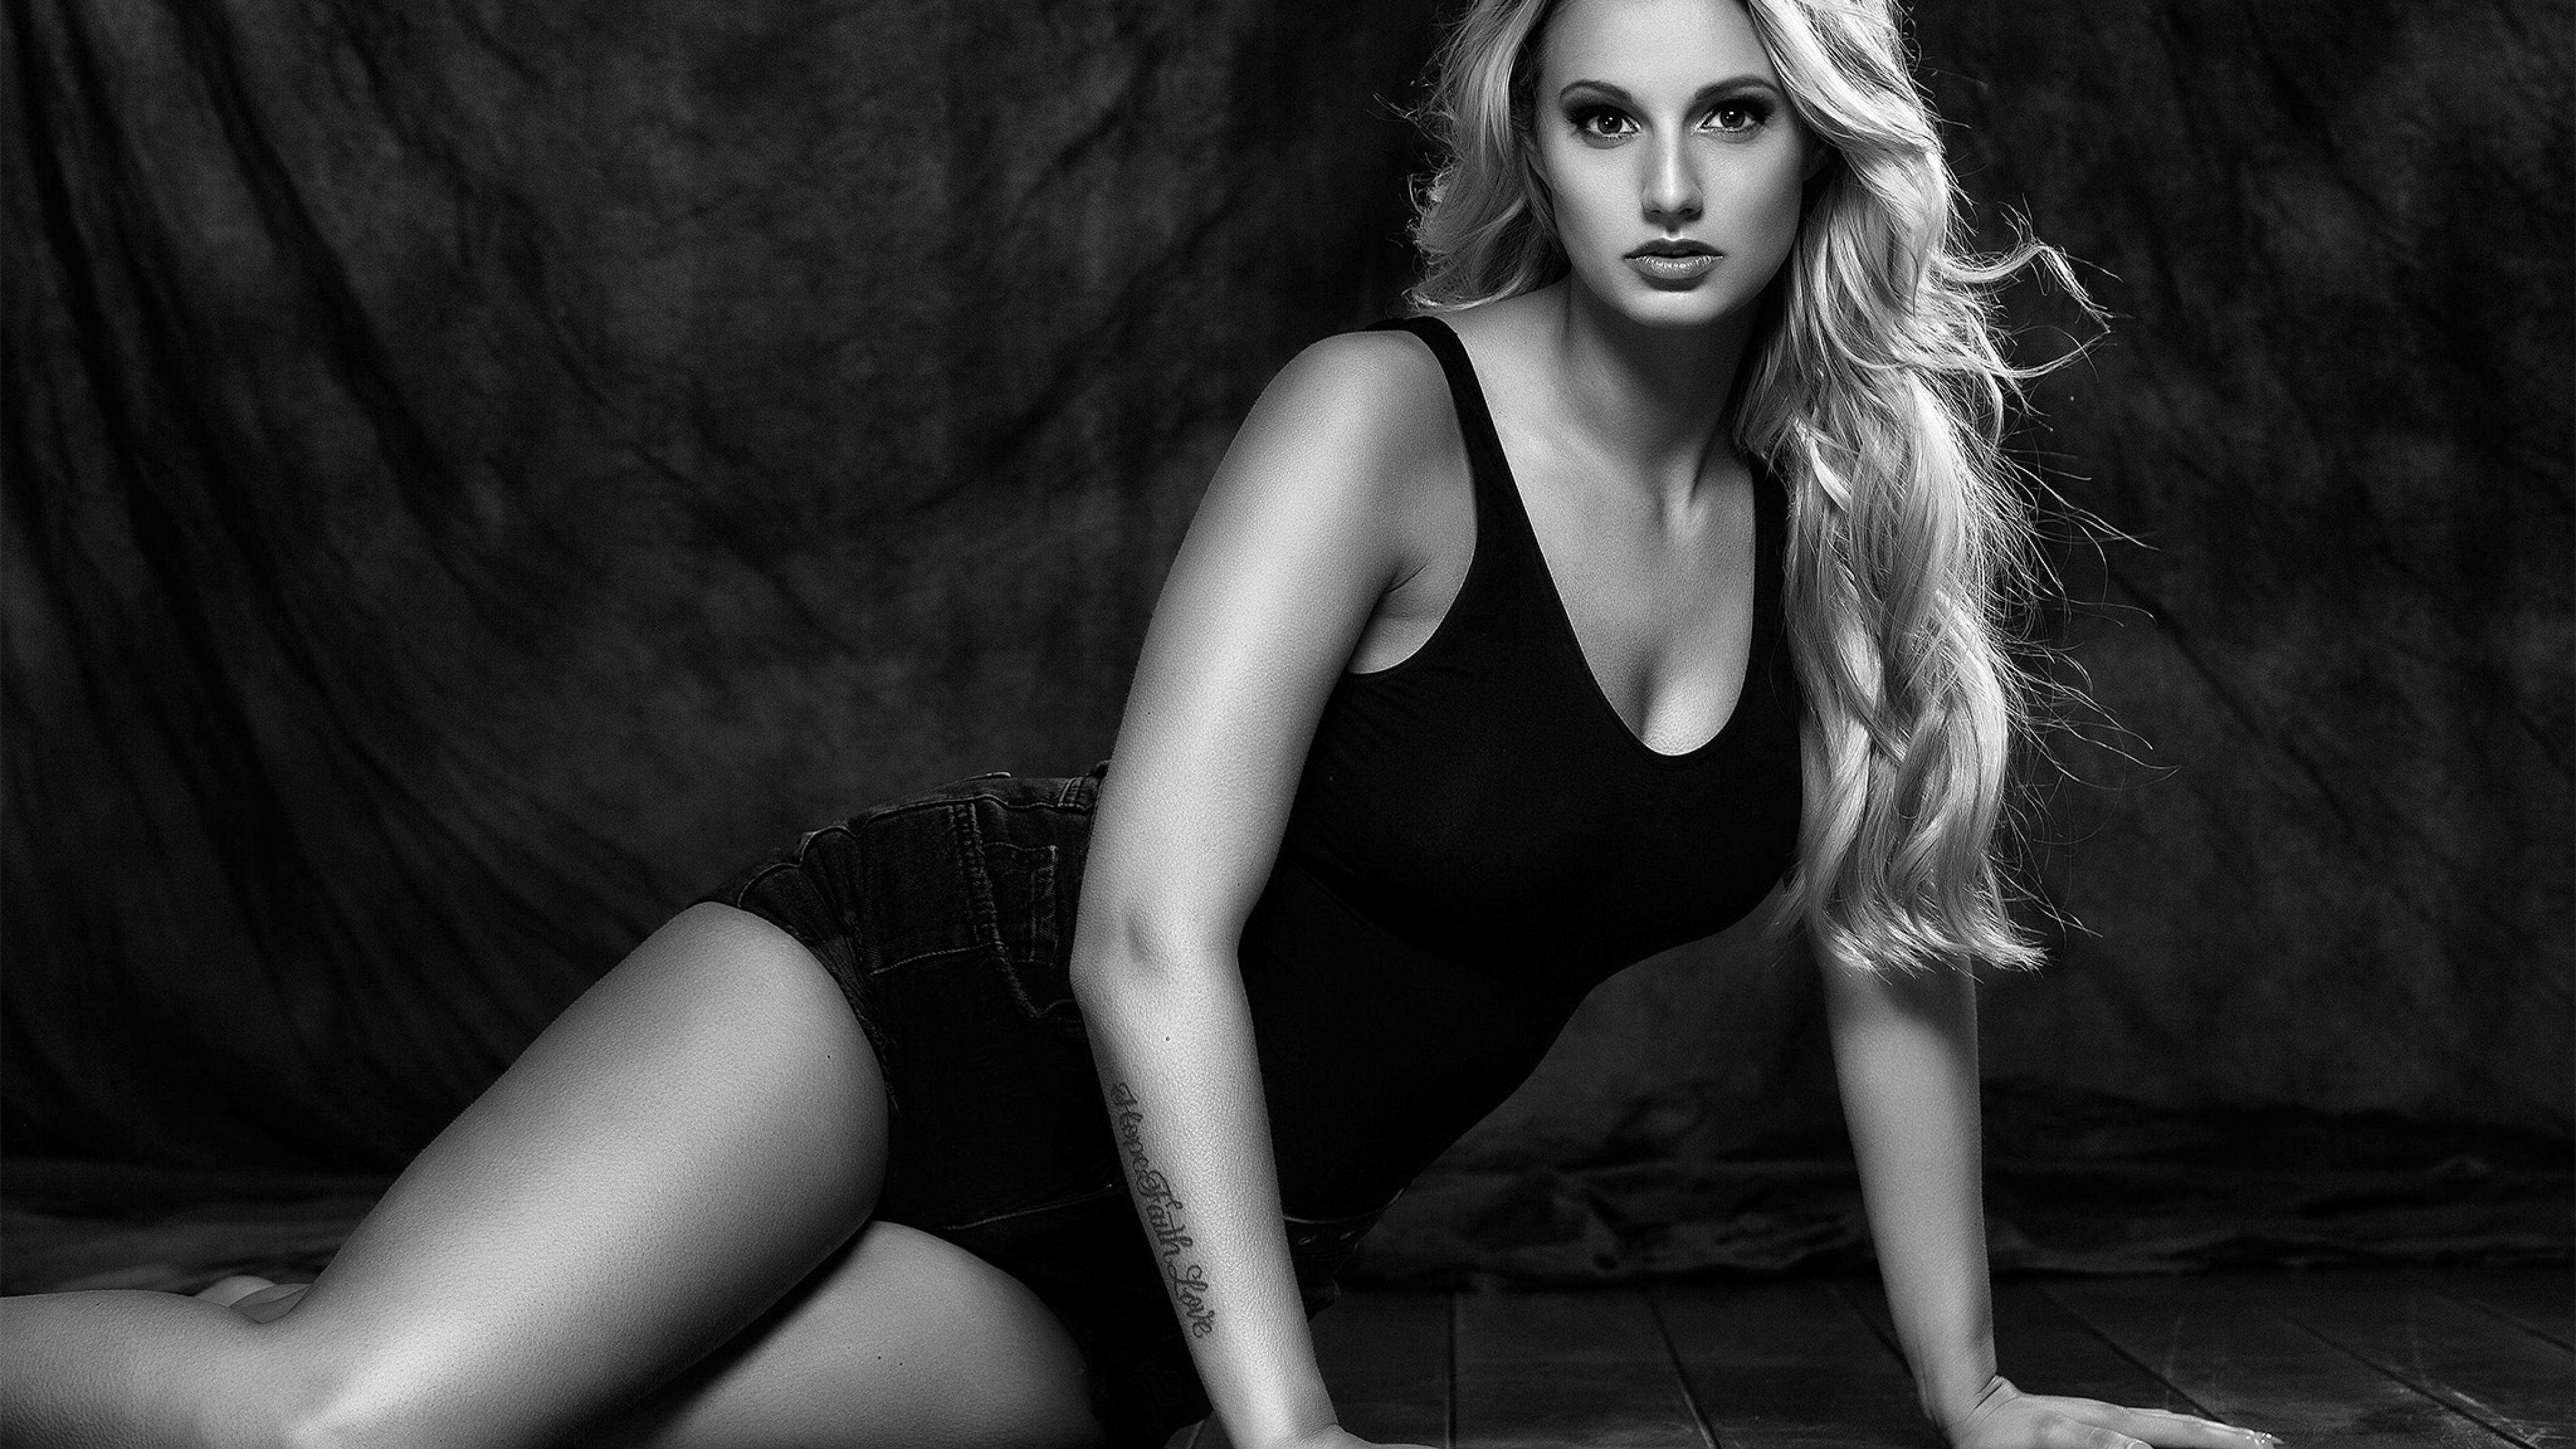 3840x2160 blonde Sexy Women Monochrome 4K Wallpaper, HD ...